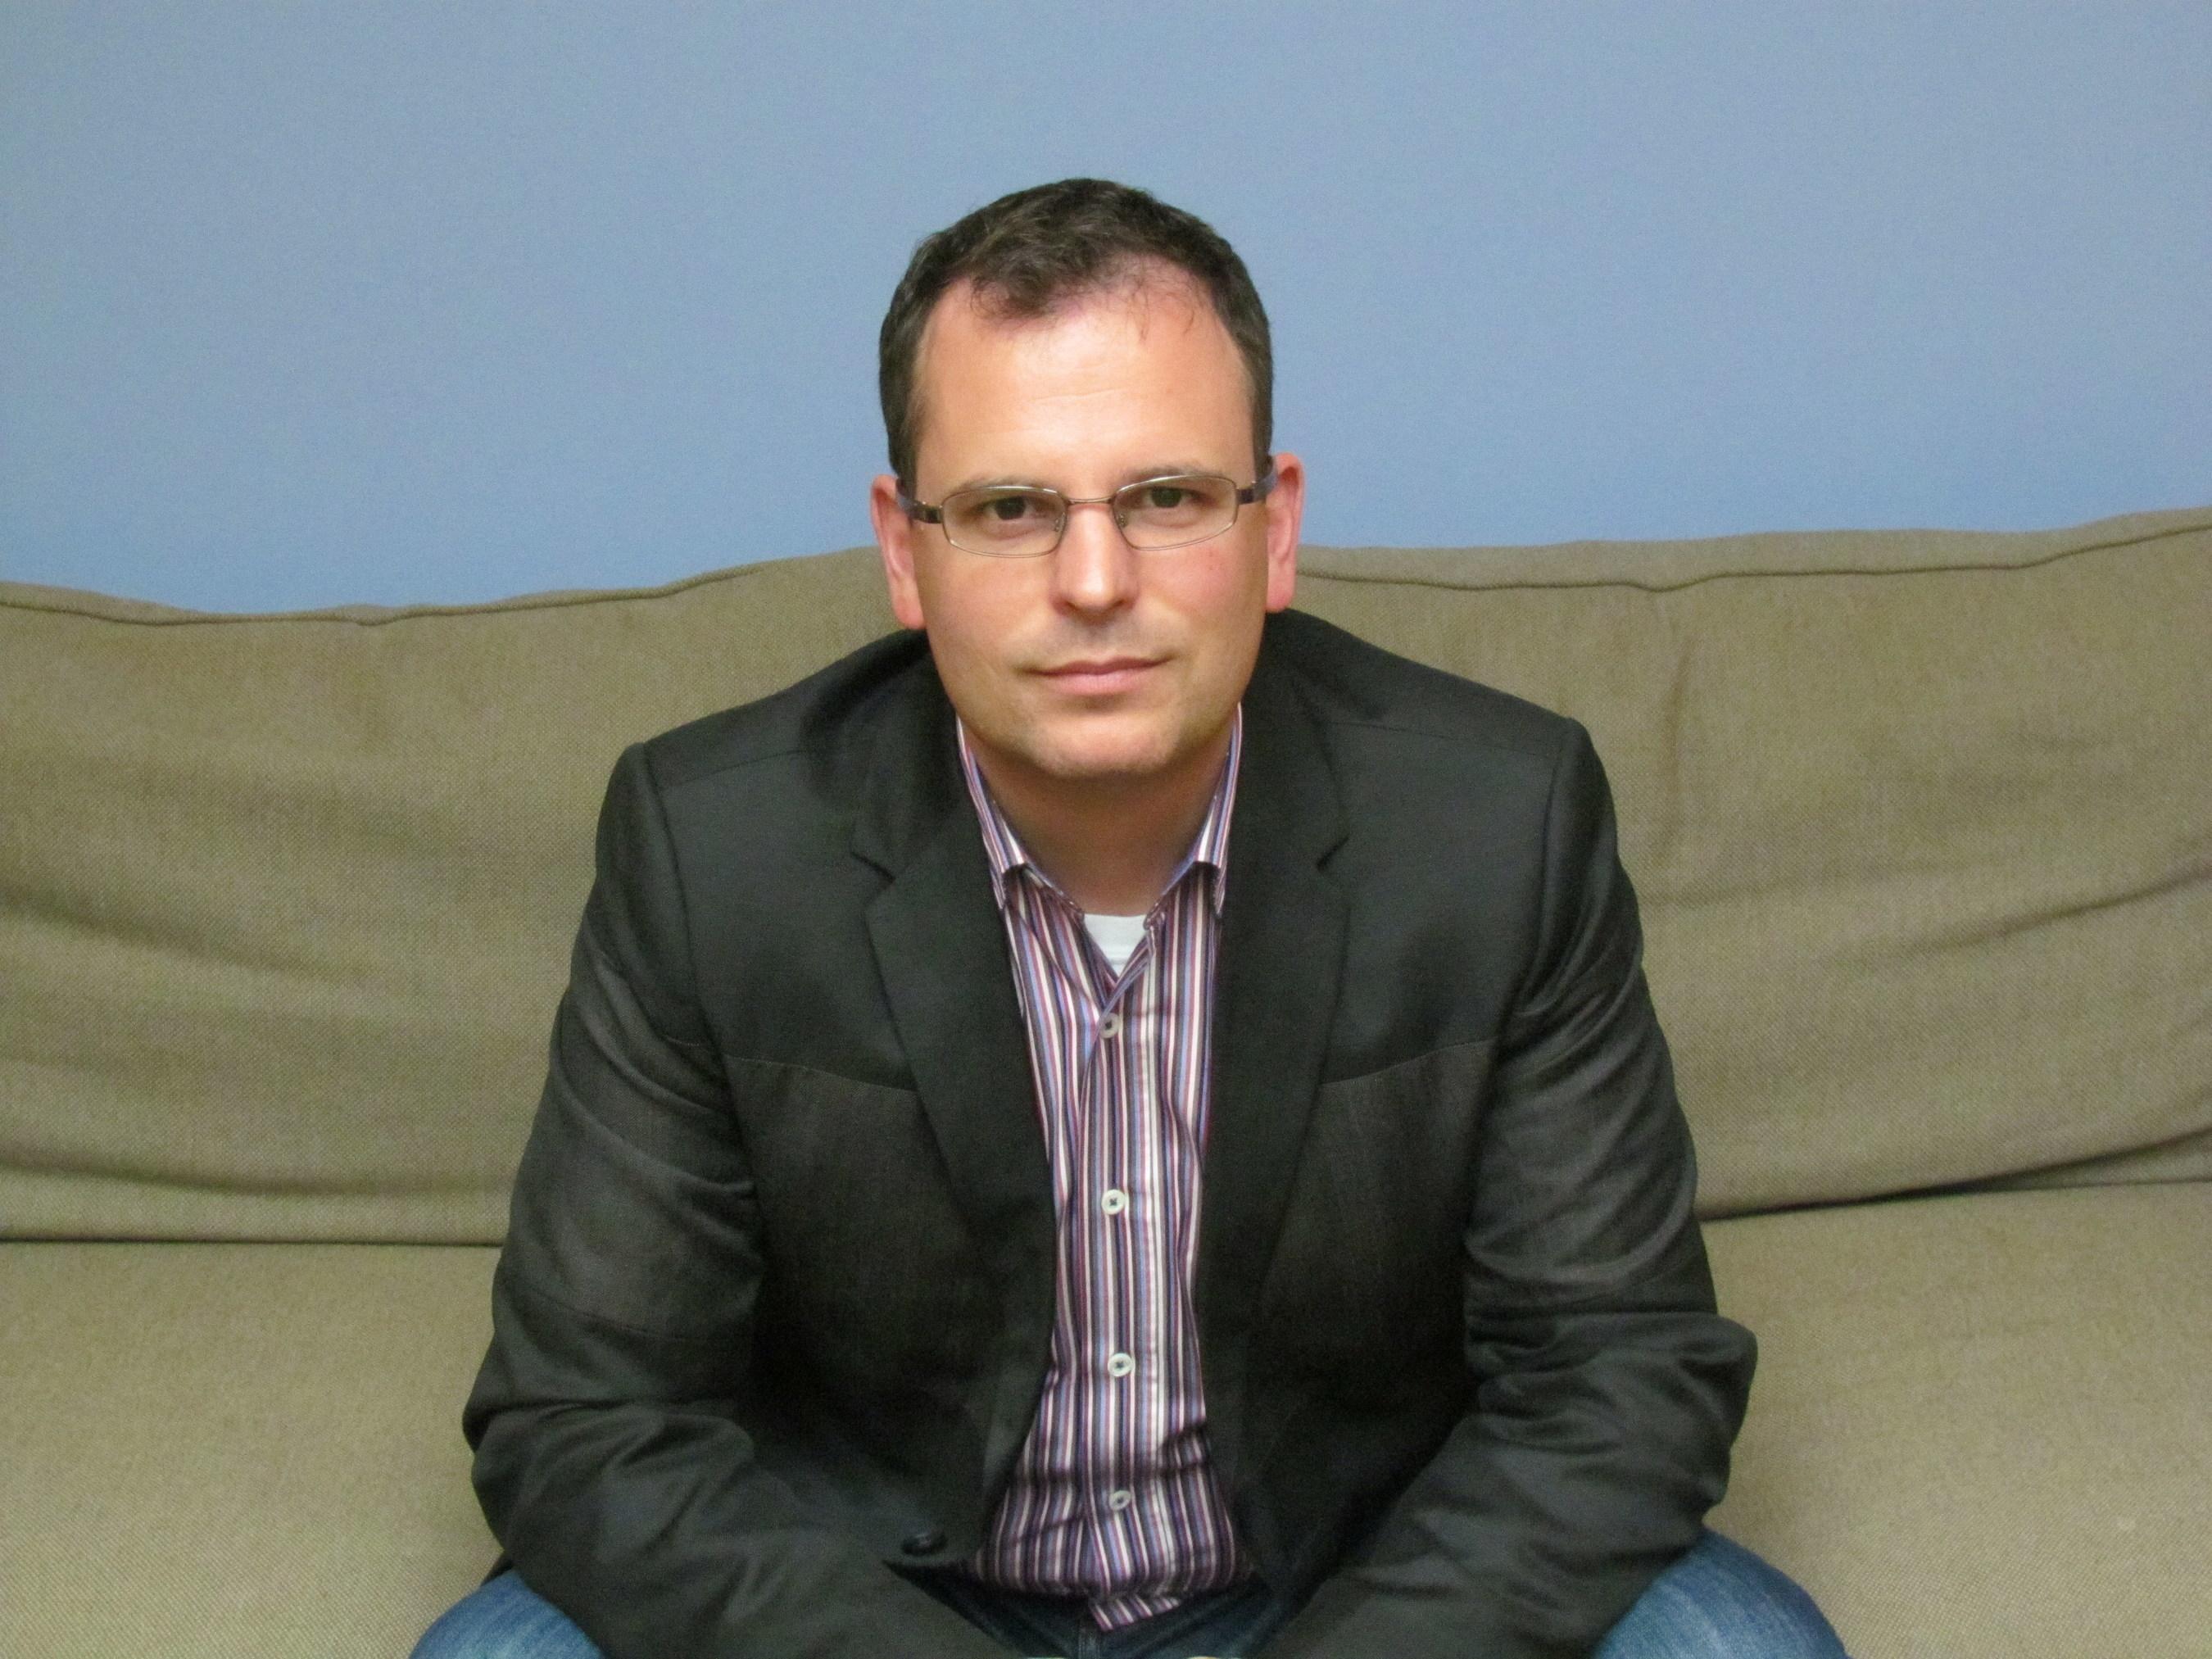 Tom Williams, VP of eBusiness, C2